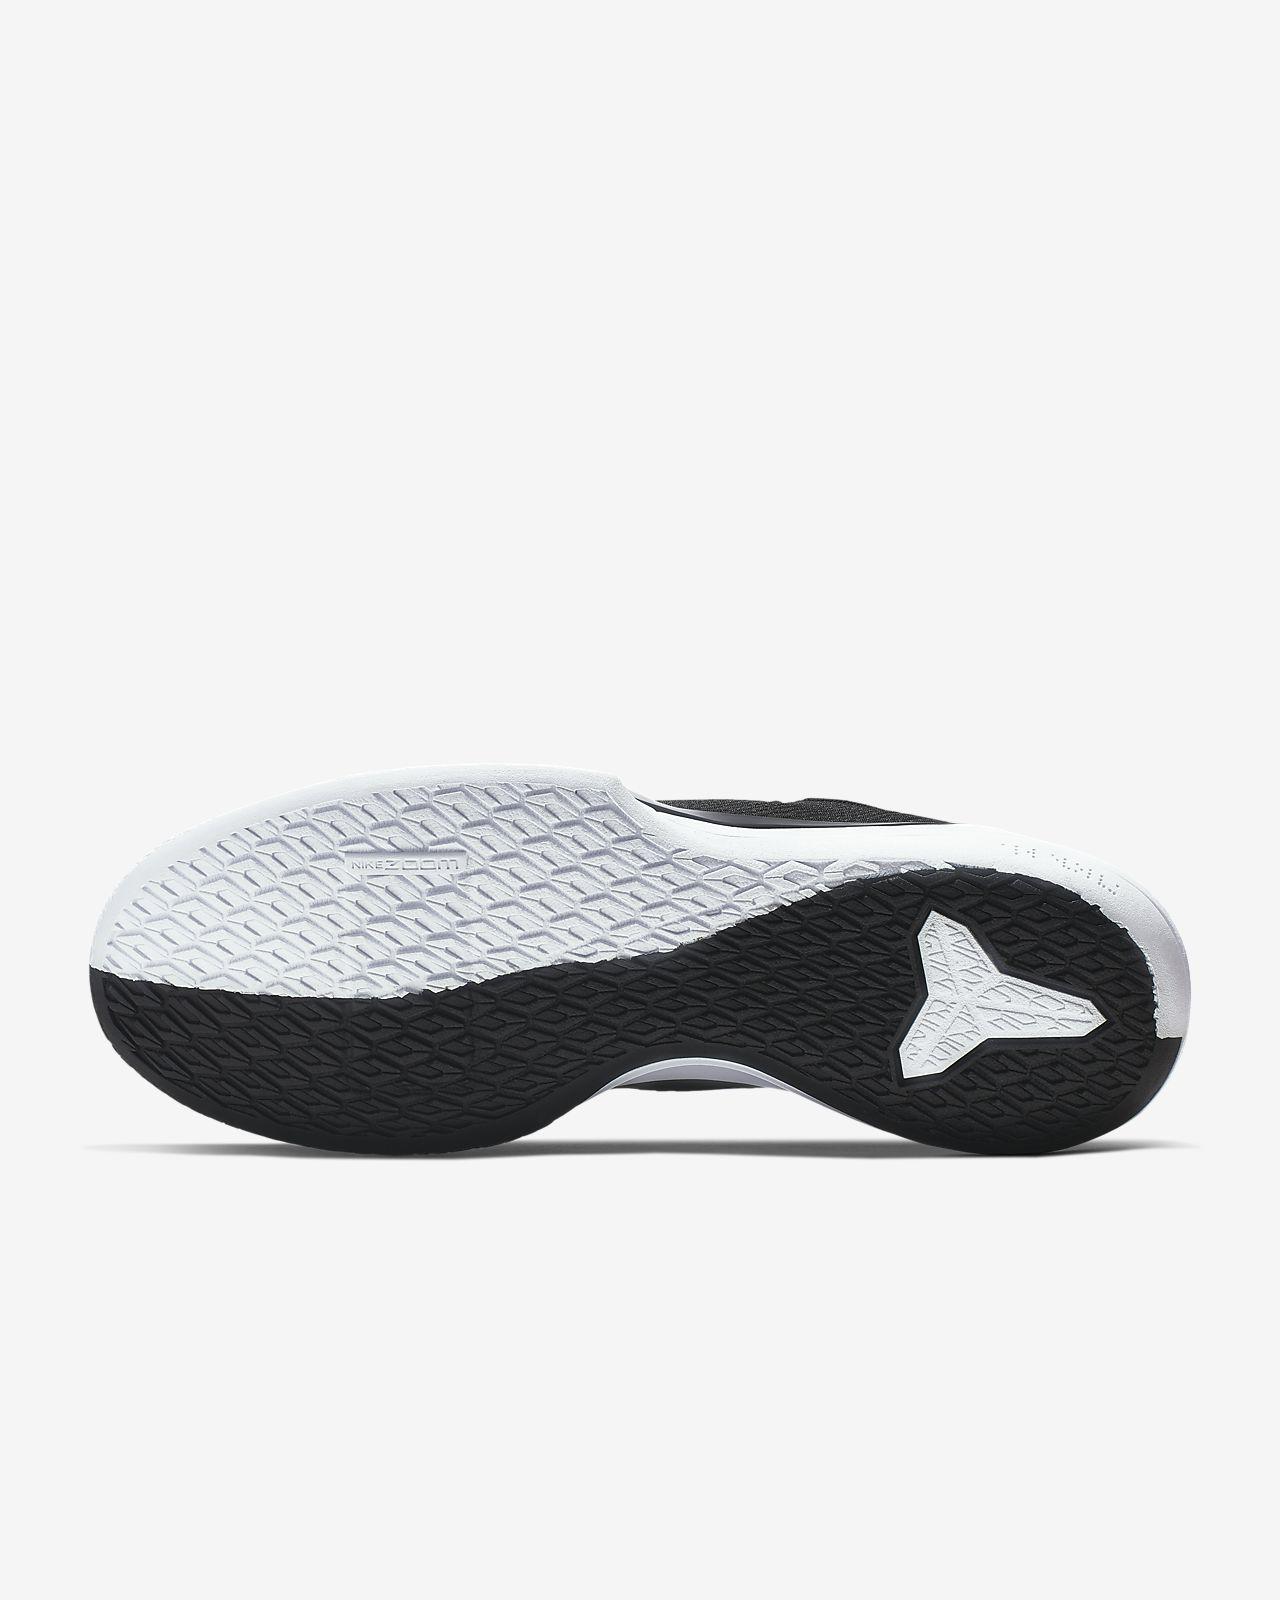 ddb51ed34f6f Mamba Focus Basketball Shoe. Nike.com IE